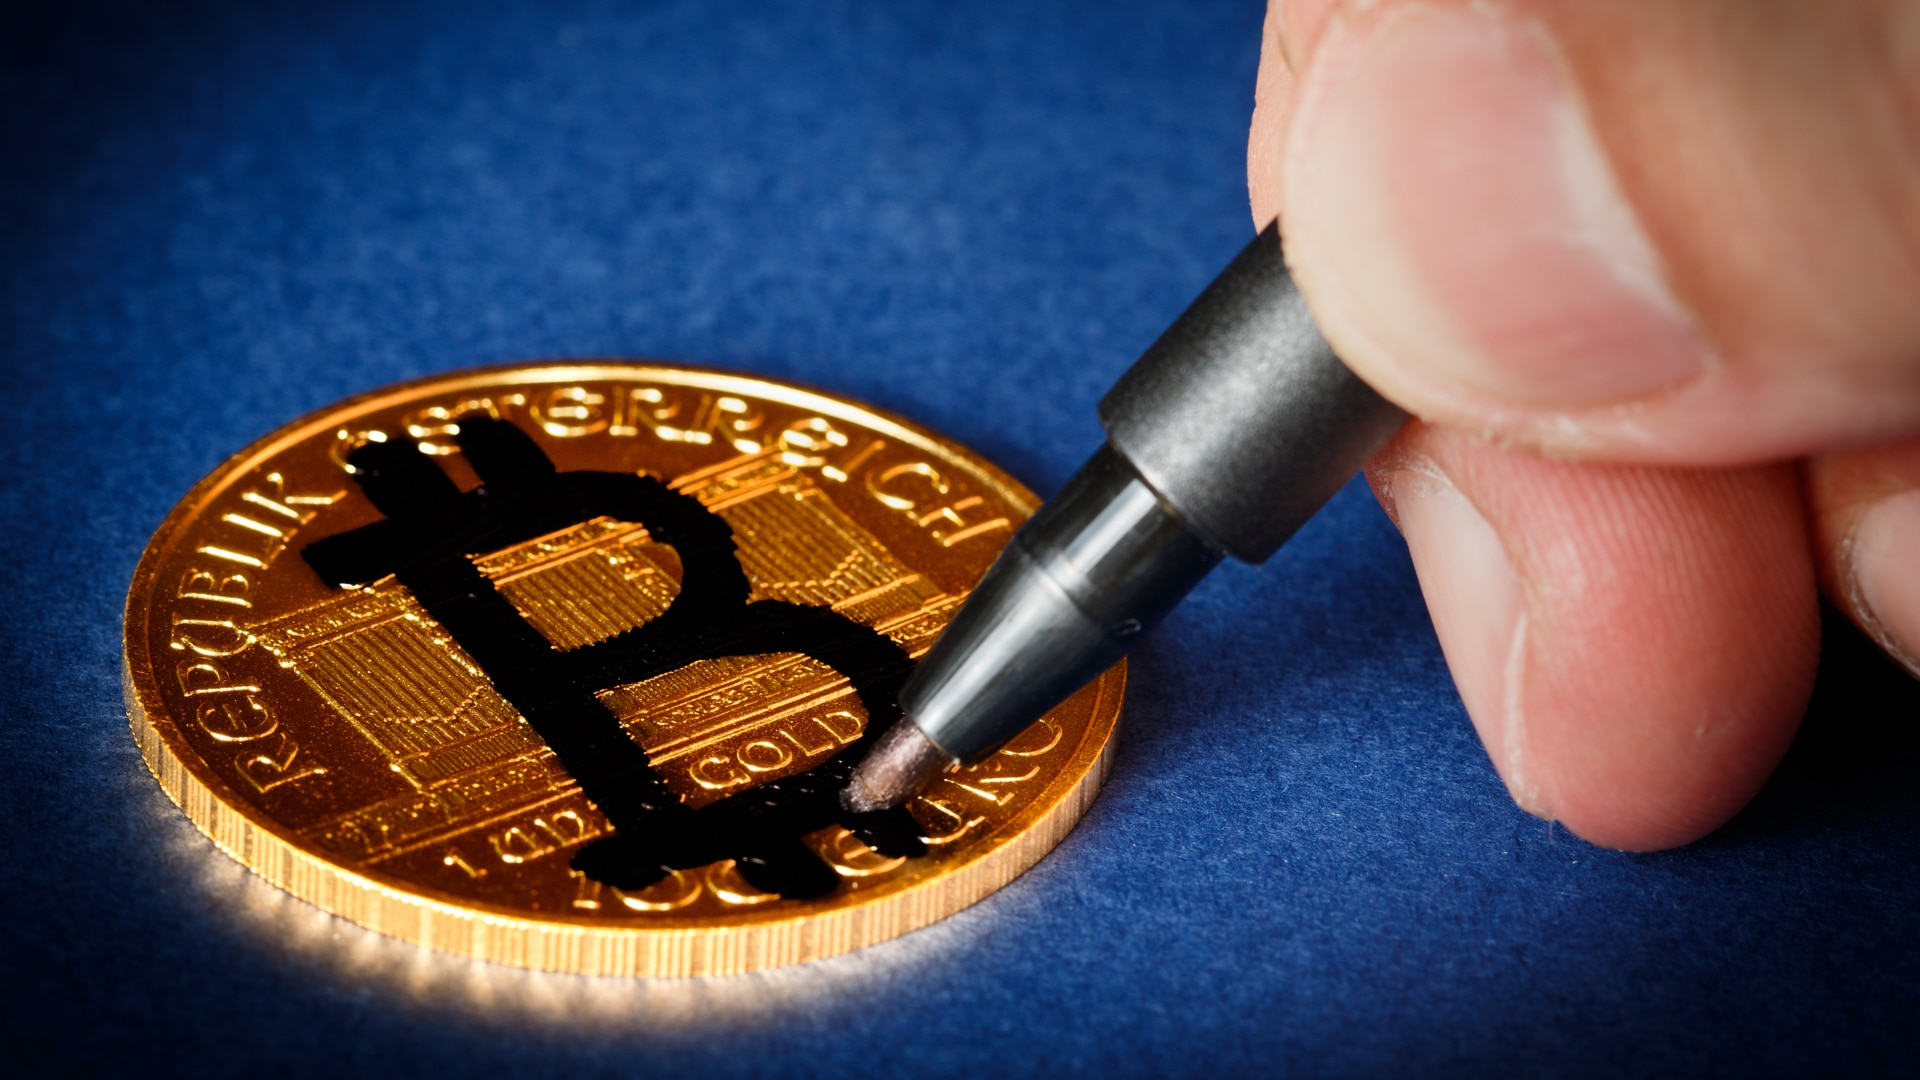 Após ter picanha, linguiça e celulares encontrados em cela, 'Faraó da Bitcoin' fica isolado e monitorado